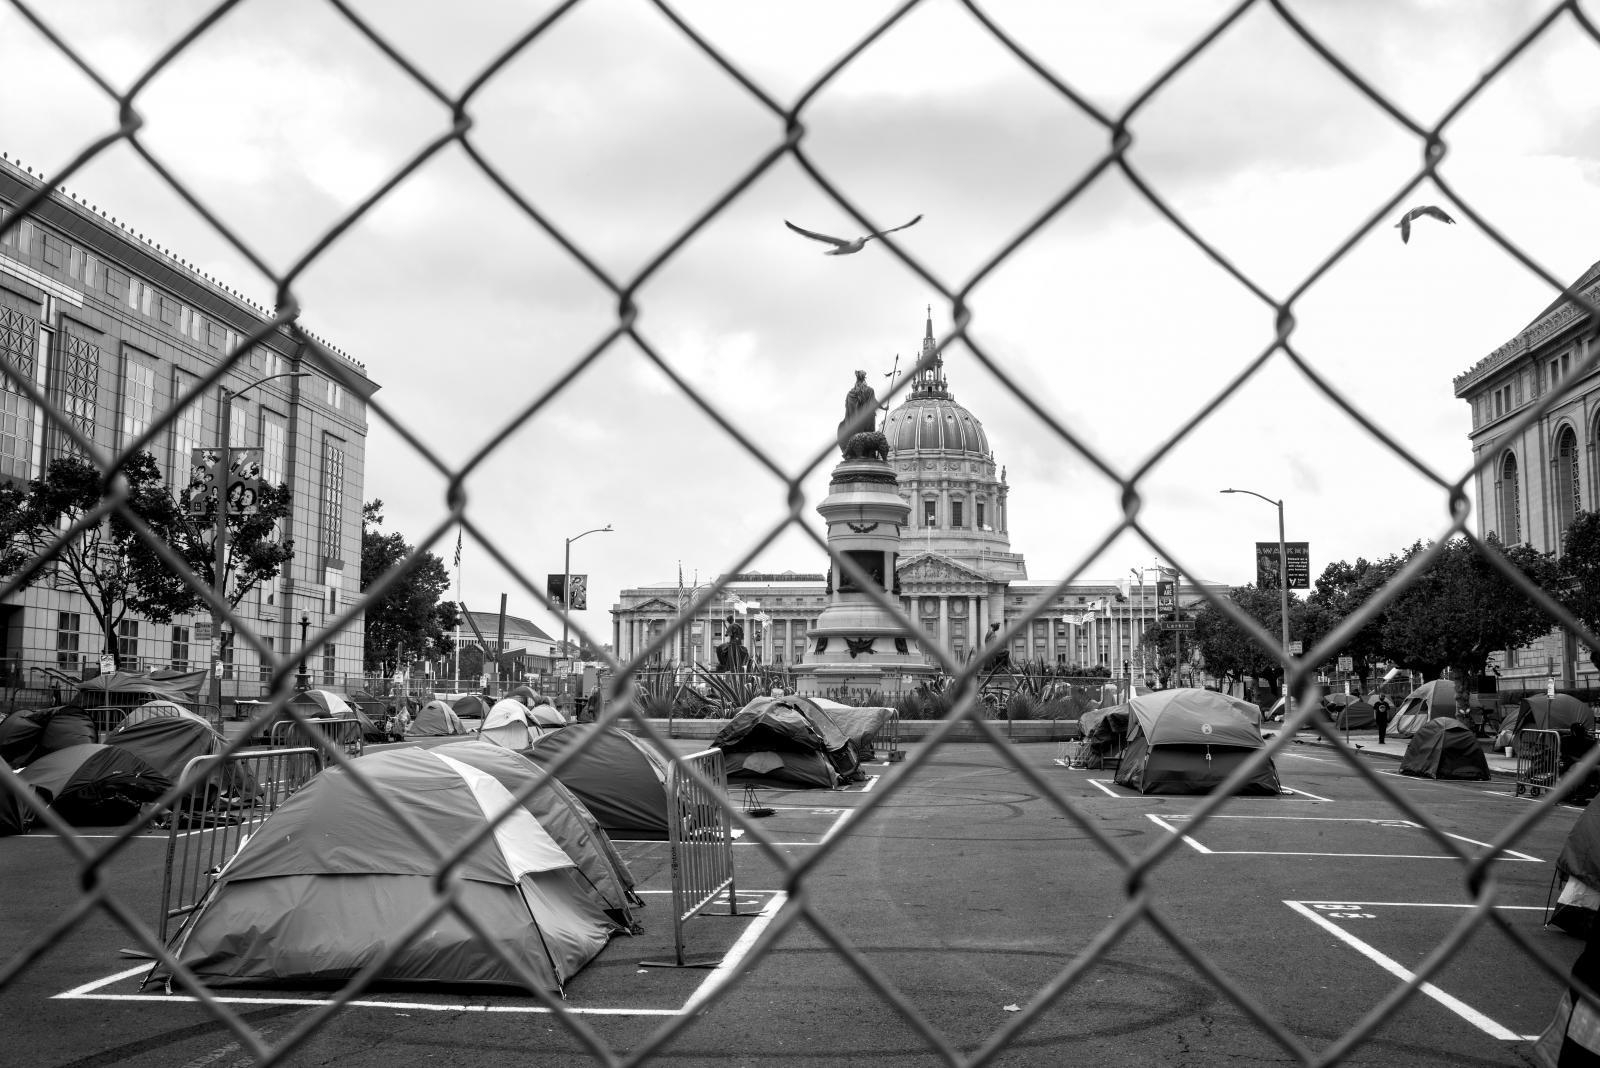 Darcy Padilla / Una residente de San Francisco, Darcy Padilla regresó a su hogar en una ciudad encerrada. La primera ciudad en los Estados Unidos en confinarse en un lugar que todavía se está reabriendo lentamente. Luchando contra el instinto de acercarse, ella fotografía desde la distancia. Residentes que atraviesan el nuevo paisaje. Calles sin tráfico, edificios tapiados y parques llenos de gente son el telón de fondo de la angustiosa experiencia de vivir entre el acercamiento y la separacion.   ----------------------------------------------------------  A longtime resident of San Francisco, Darcy Padilla returned home to a city in lockdown. The first city in the United States to shelter in place that is still slowly reopening. Fighting the instinct to get close, she photographs from a distance.  Residents traversing the new landscape. Streets with no traffic, boarded up buildings and crowded parks are the backdrop for the distressing experience of living between access and separation.